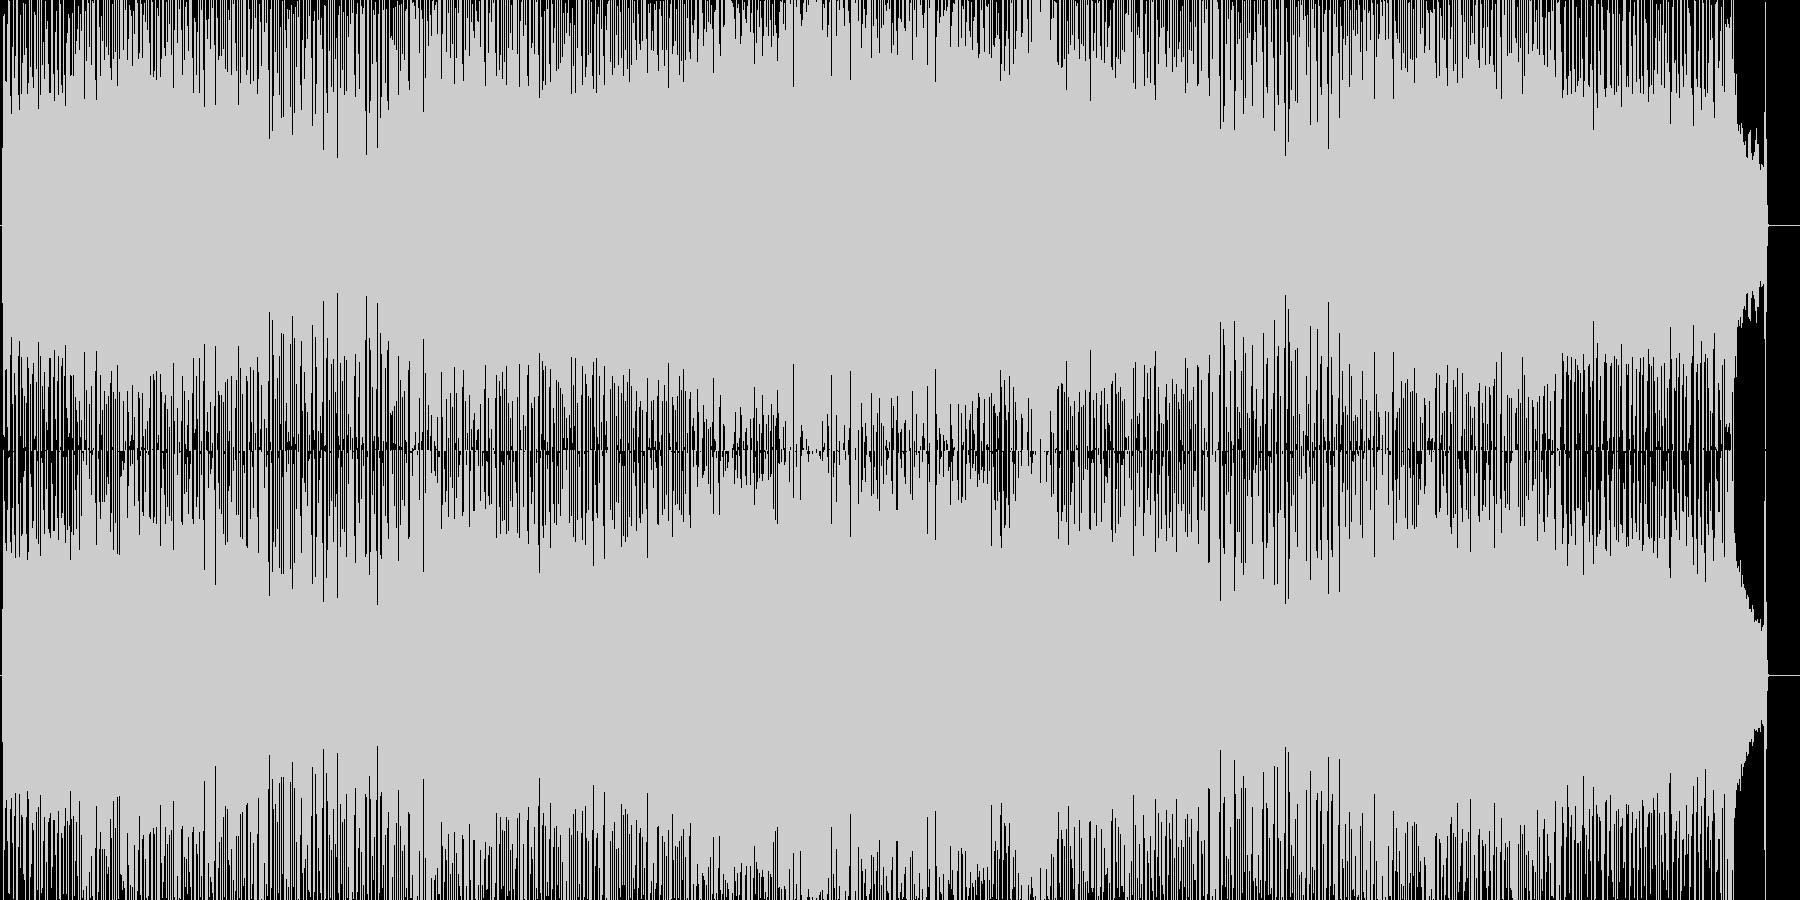 爽やかでいきいきとしたポップロックの未再生の波形